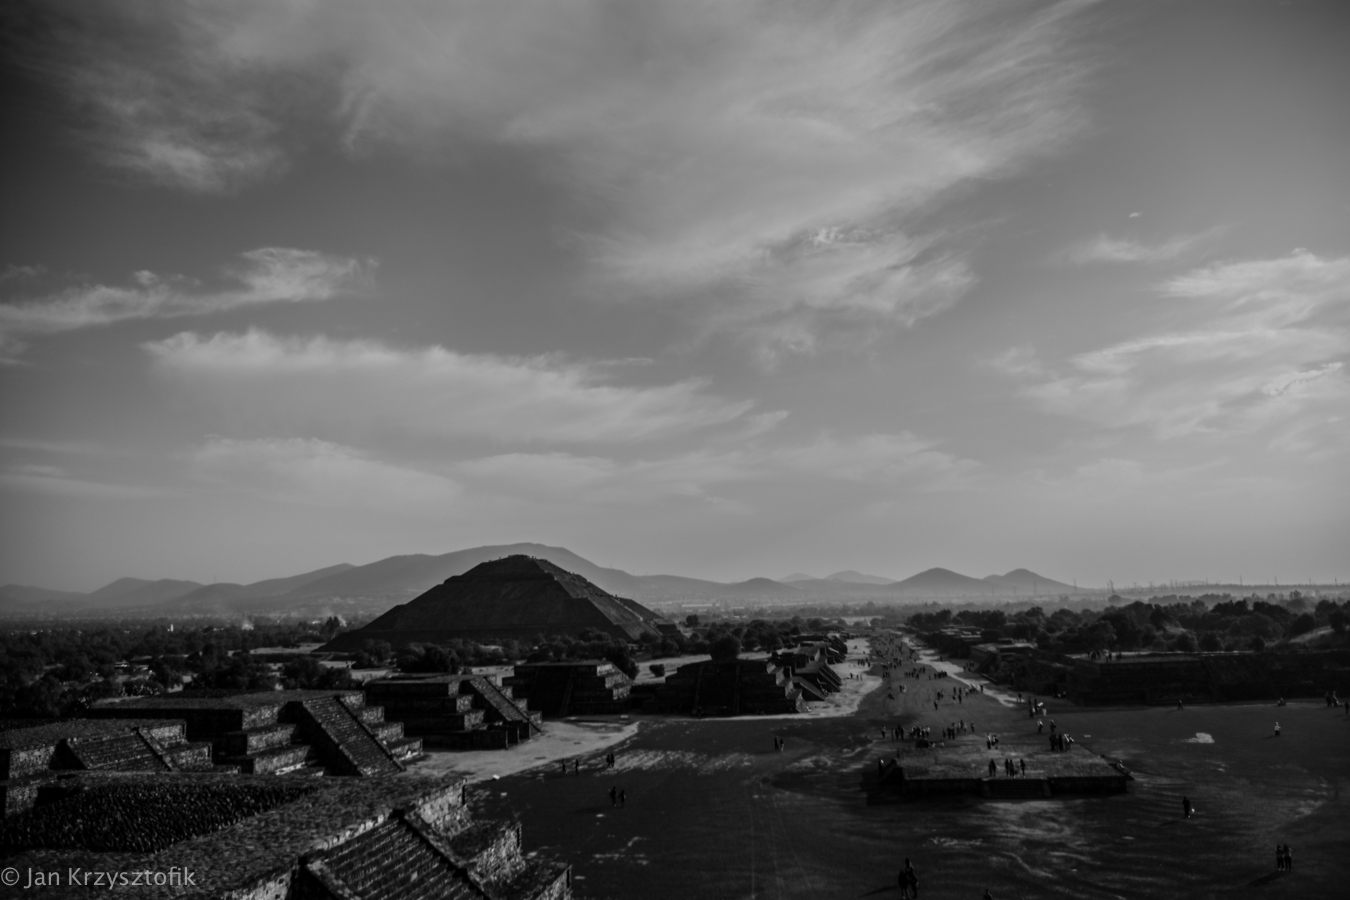 Piramidy 17 of 18 Piramidy Tenochtitlán Estado de México